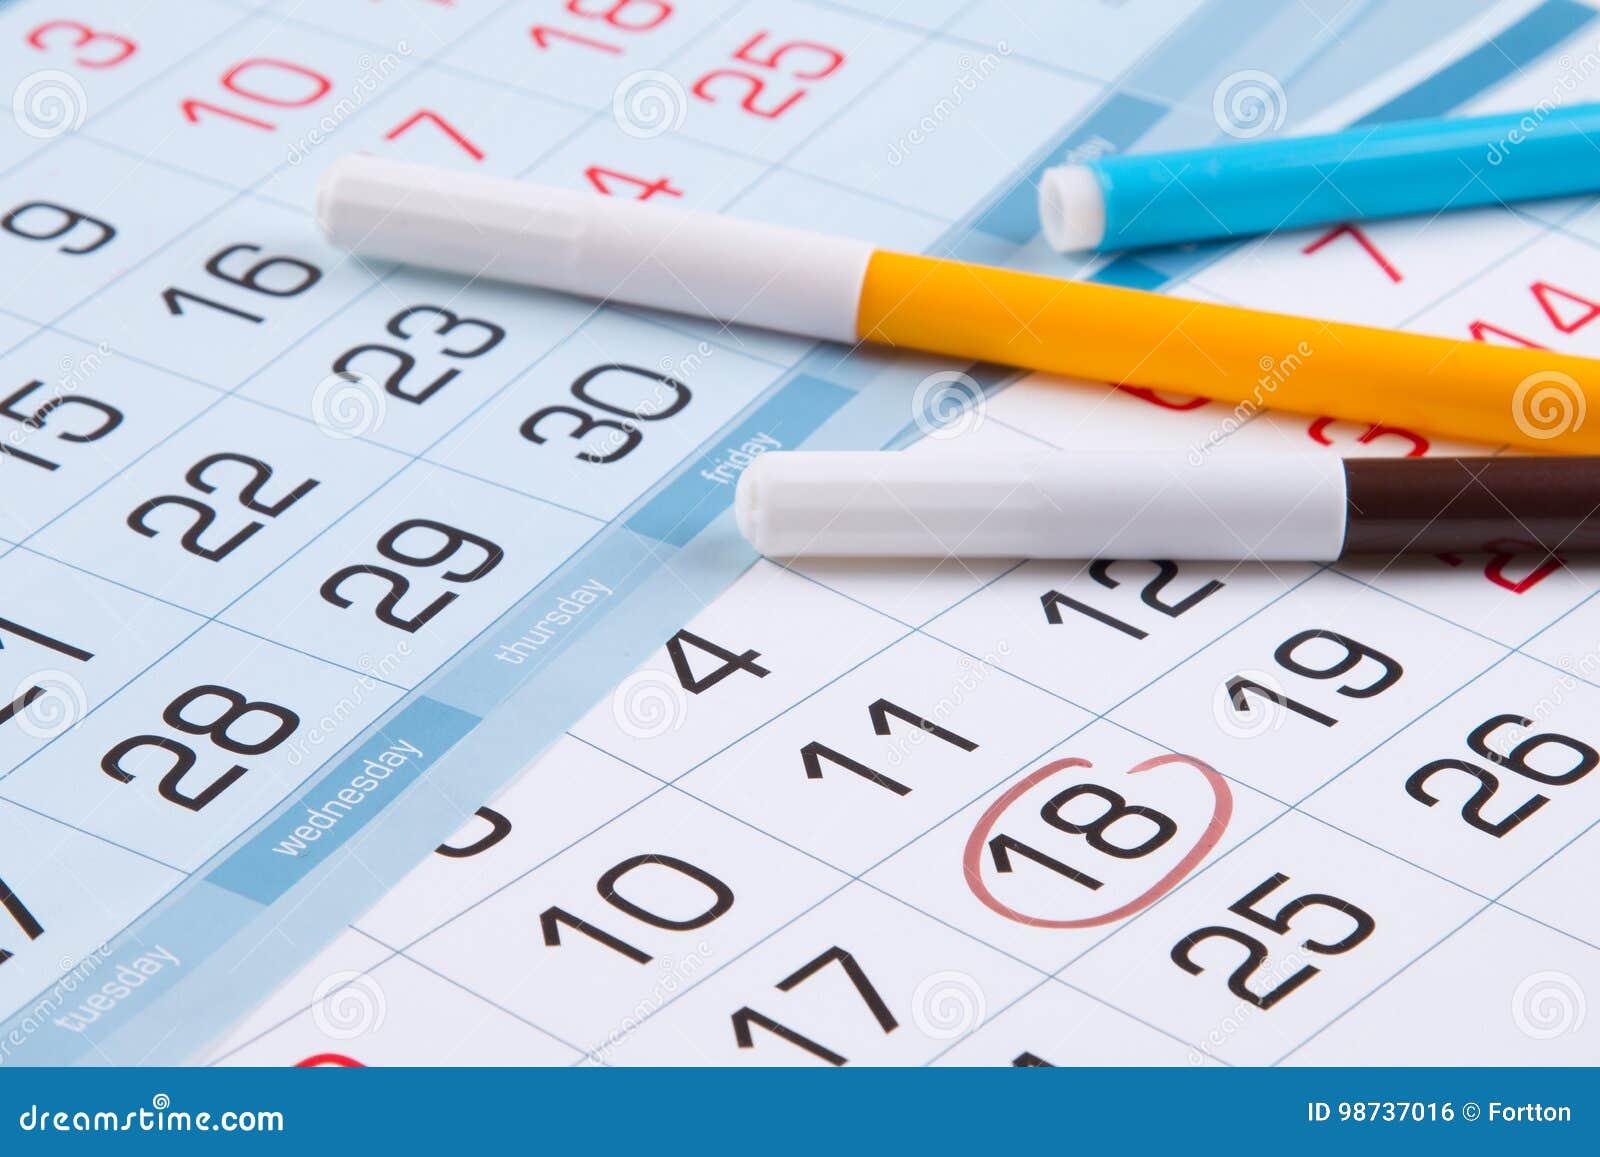 Marca Calendario.Calendario Con Una Marca De Un Dia Especifico Y De Marcadores